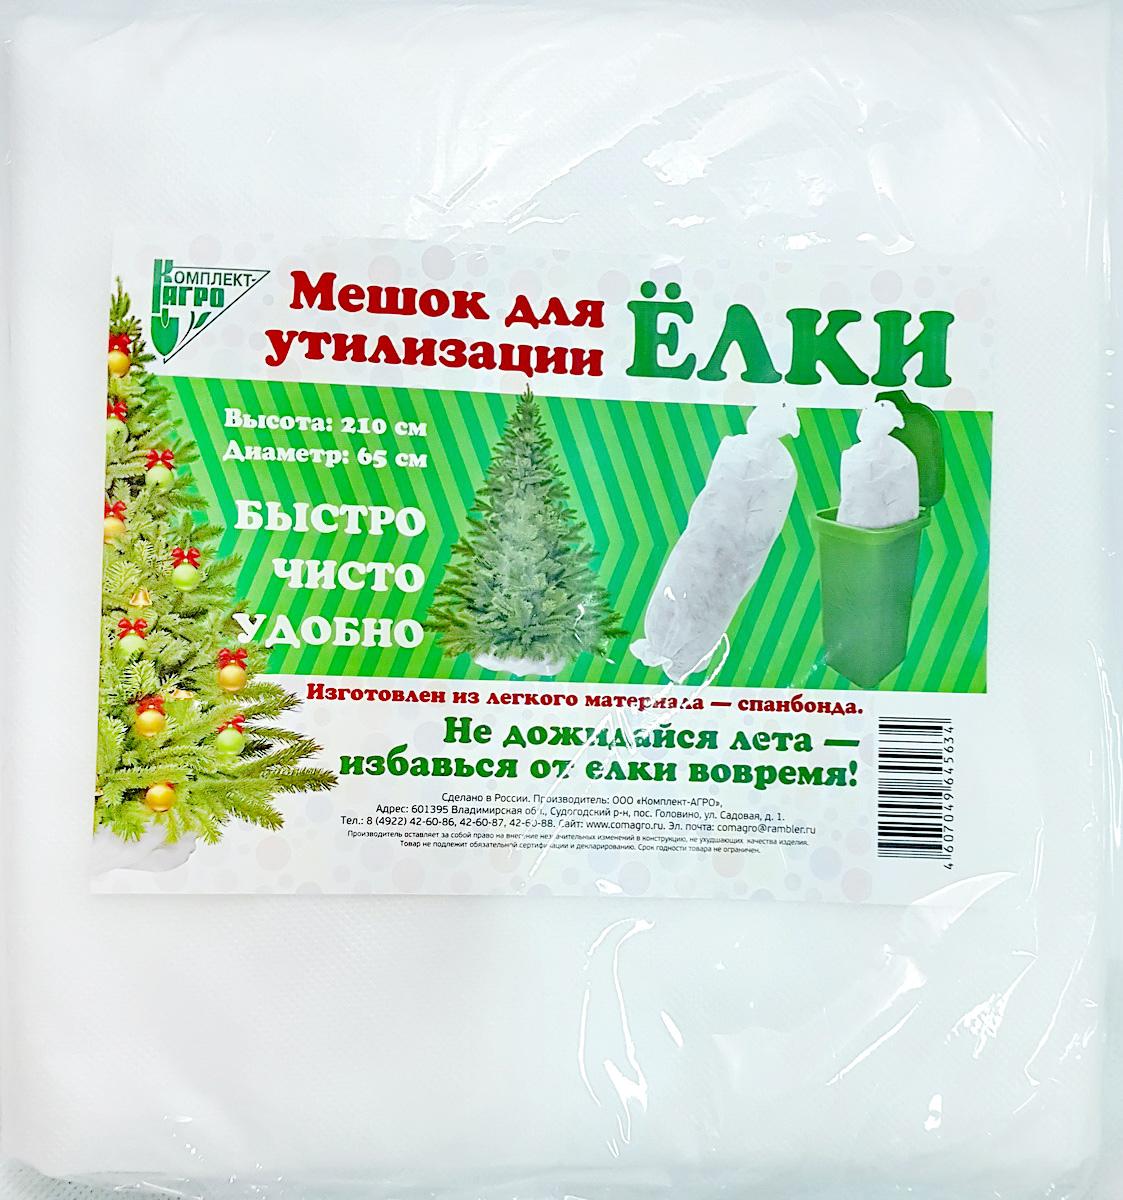 """Мешок для утилизации елки """"Комплект-Агро"""", 210 х 65 см"""